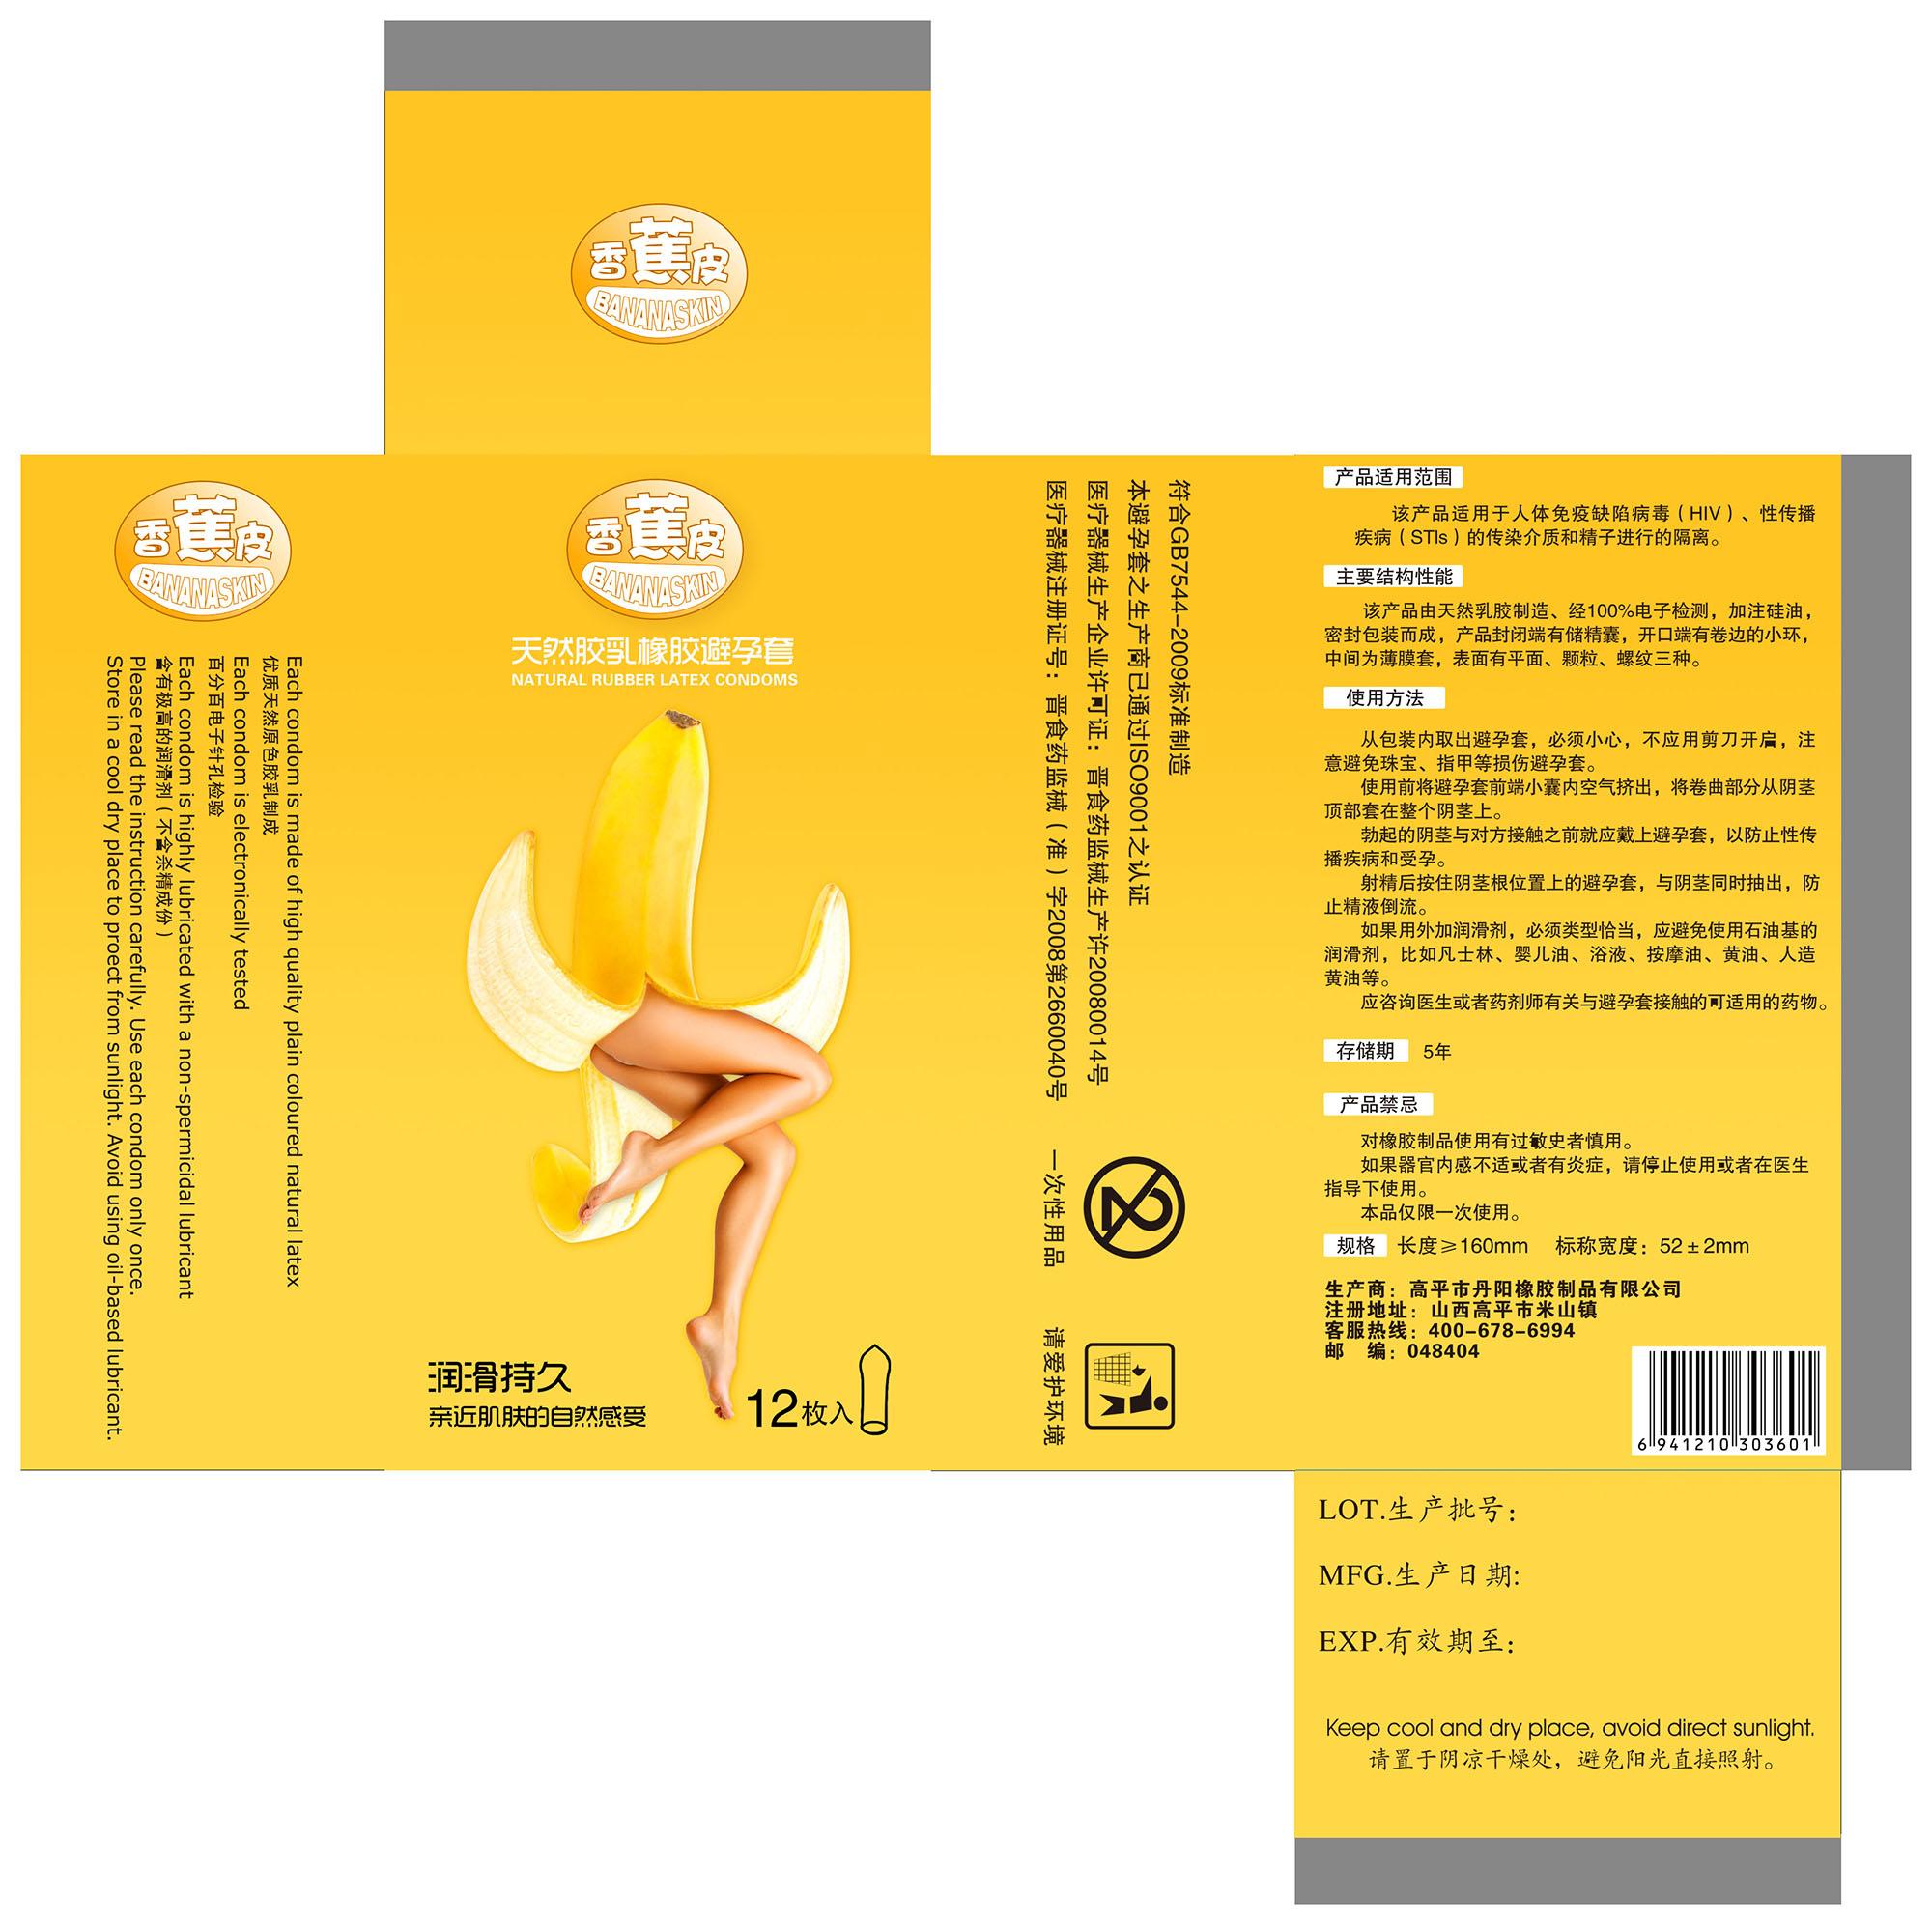 香蕉皮包装设计稿2.jpg